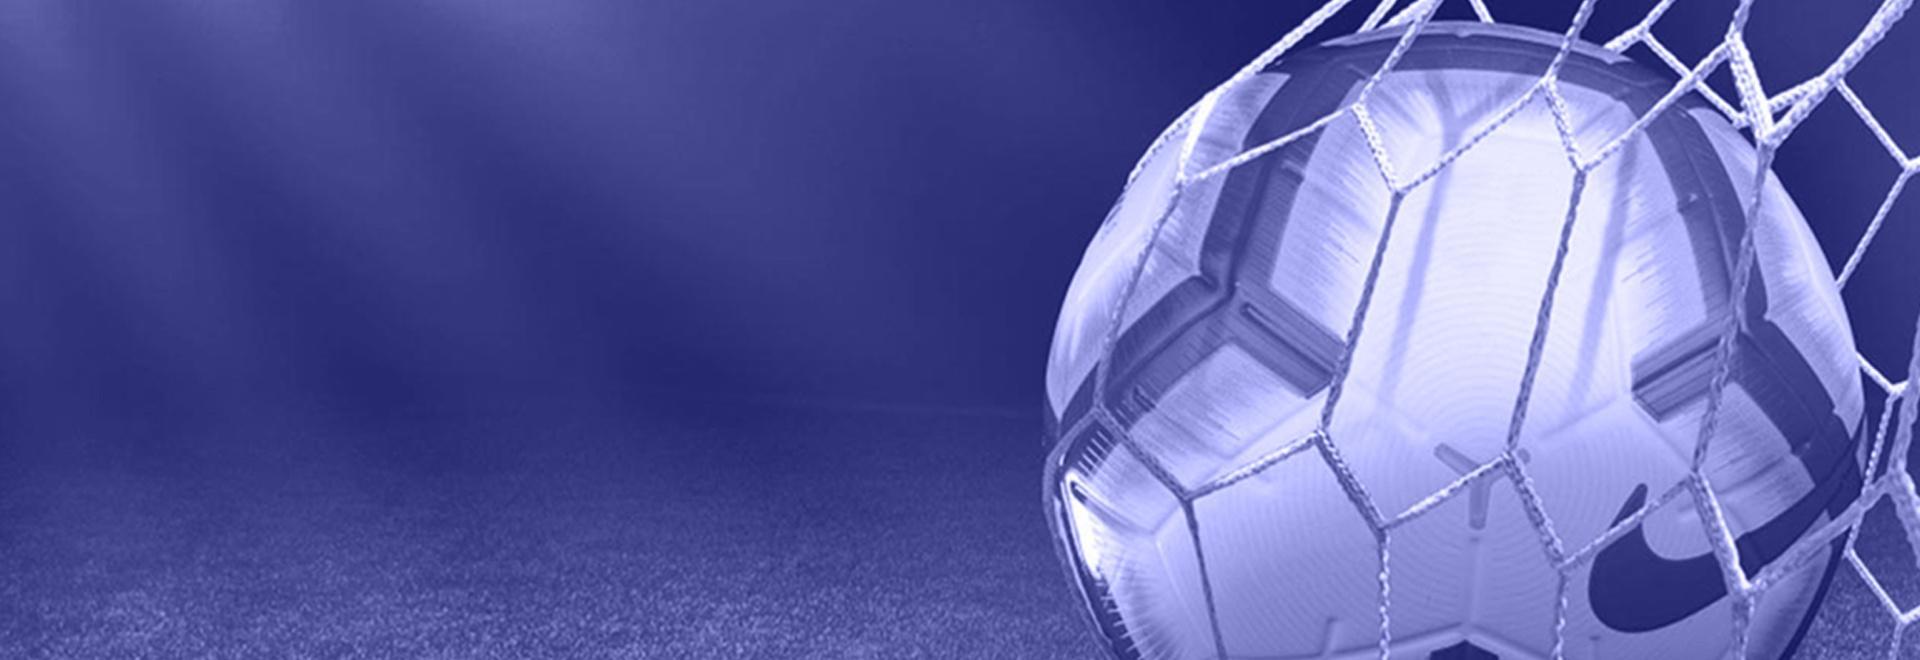 Inter - Lazio 10/05/15